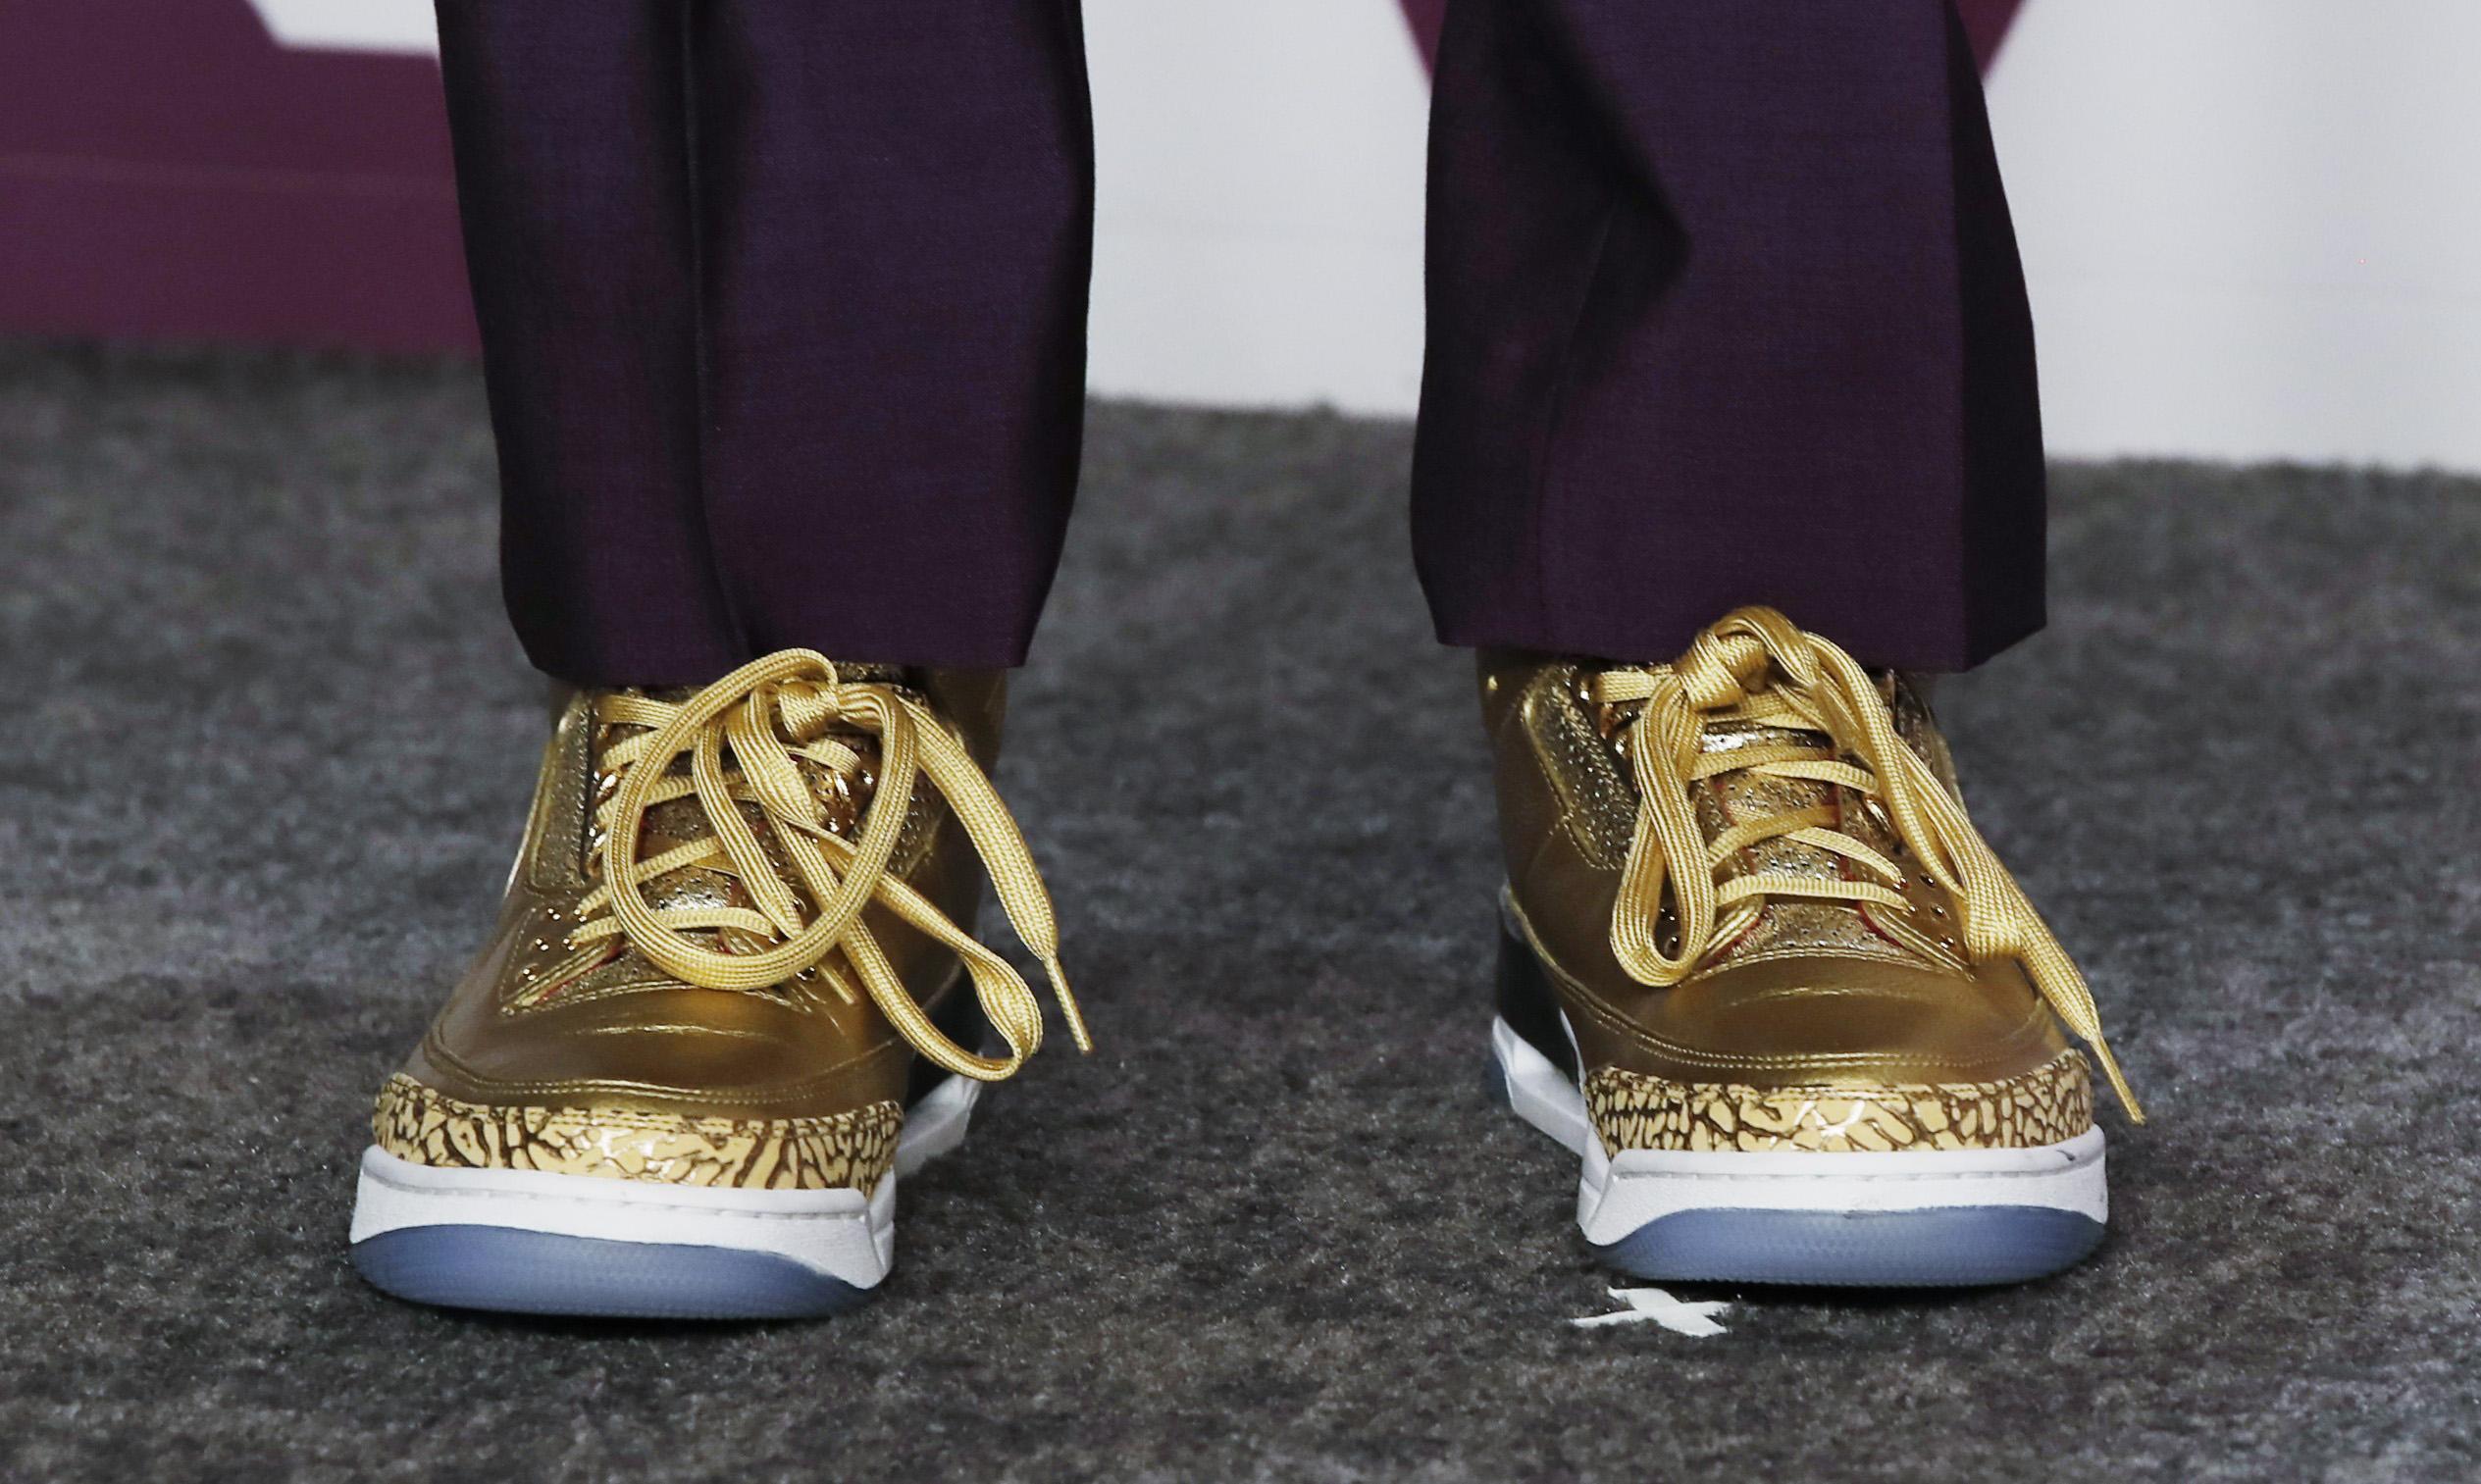 """الحذاء الذهبي لسبايك لي، الفائز جائزة الأوسكار لأفضل كتابة عن فيلم """"BlackKklansman"""""""